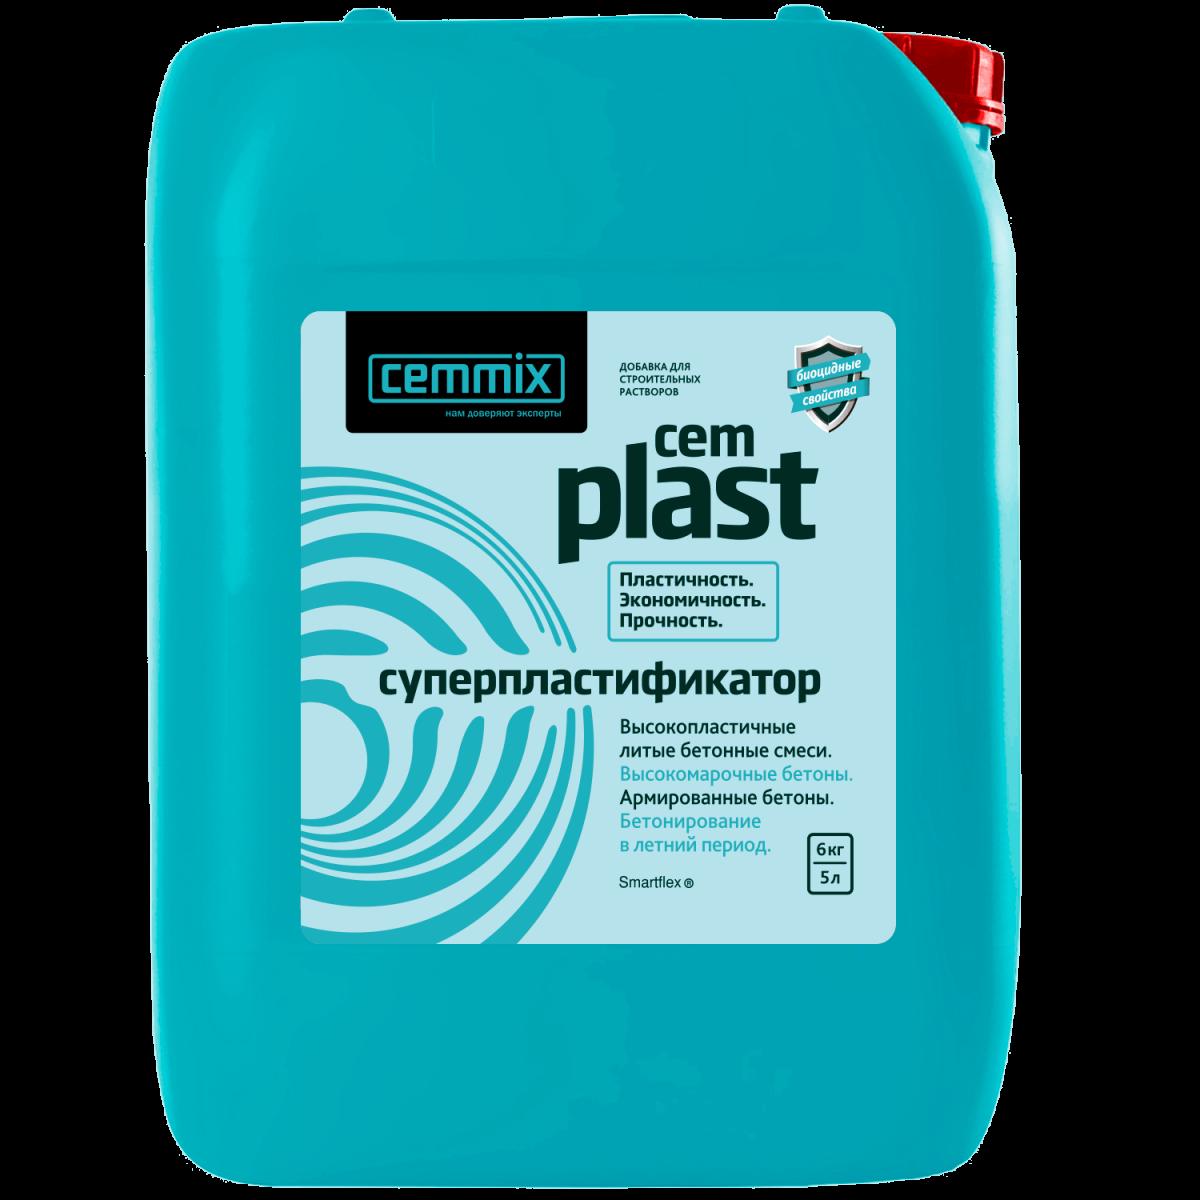 Пластификаторы для бетона: как их сделать своими руками? обзор жидких для пескобетона, теплого пола и других видов средств для разного назначения. их состав и расход